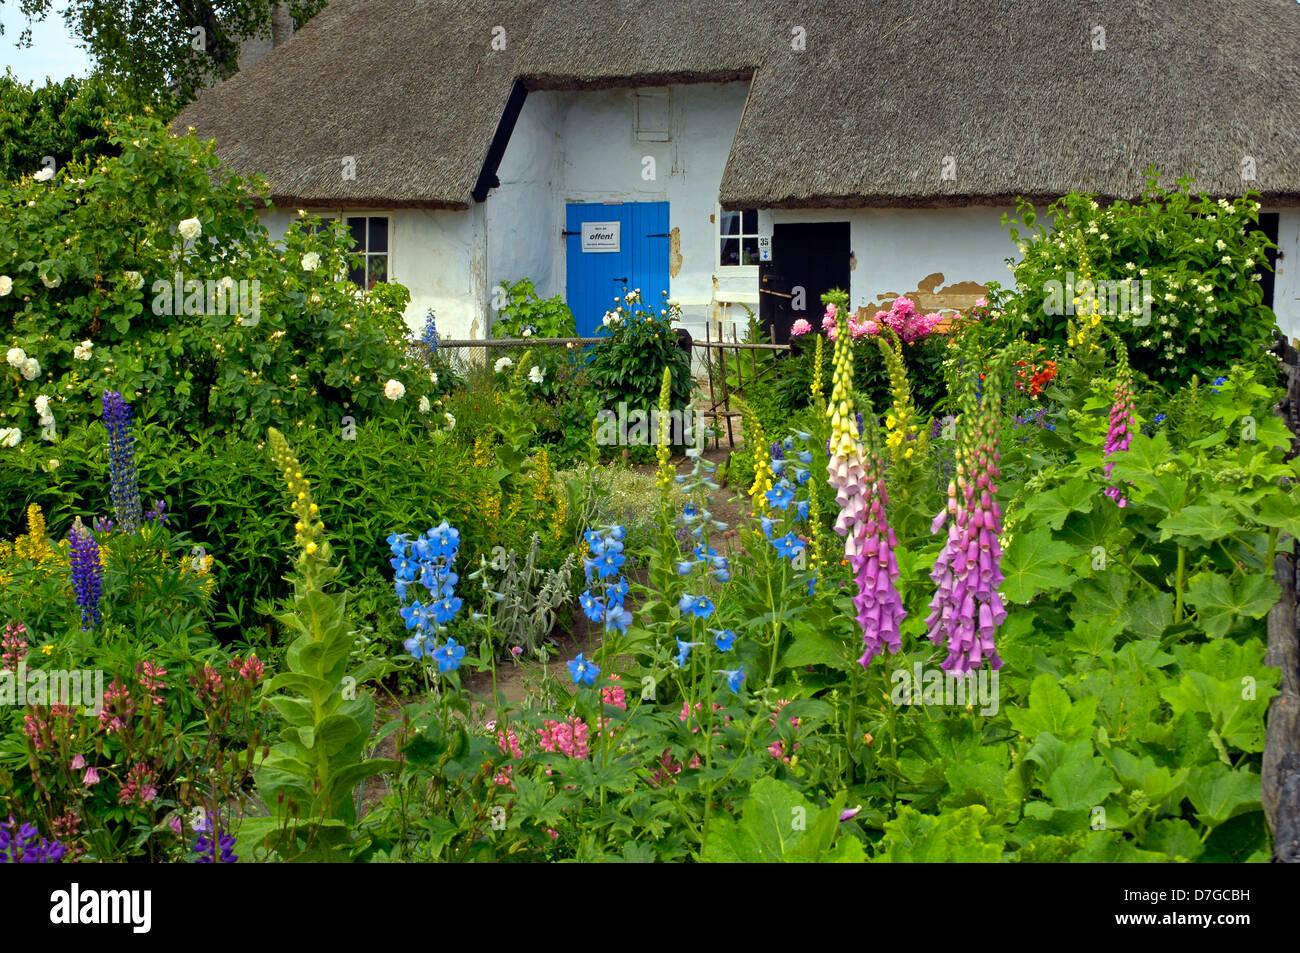 Germany, Mecklenburg-West Pomerania, island Rügen, Gross Zicker, parochial widow's house - Stock Image